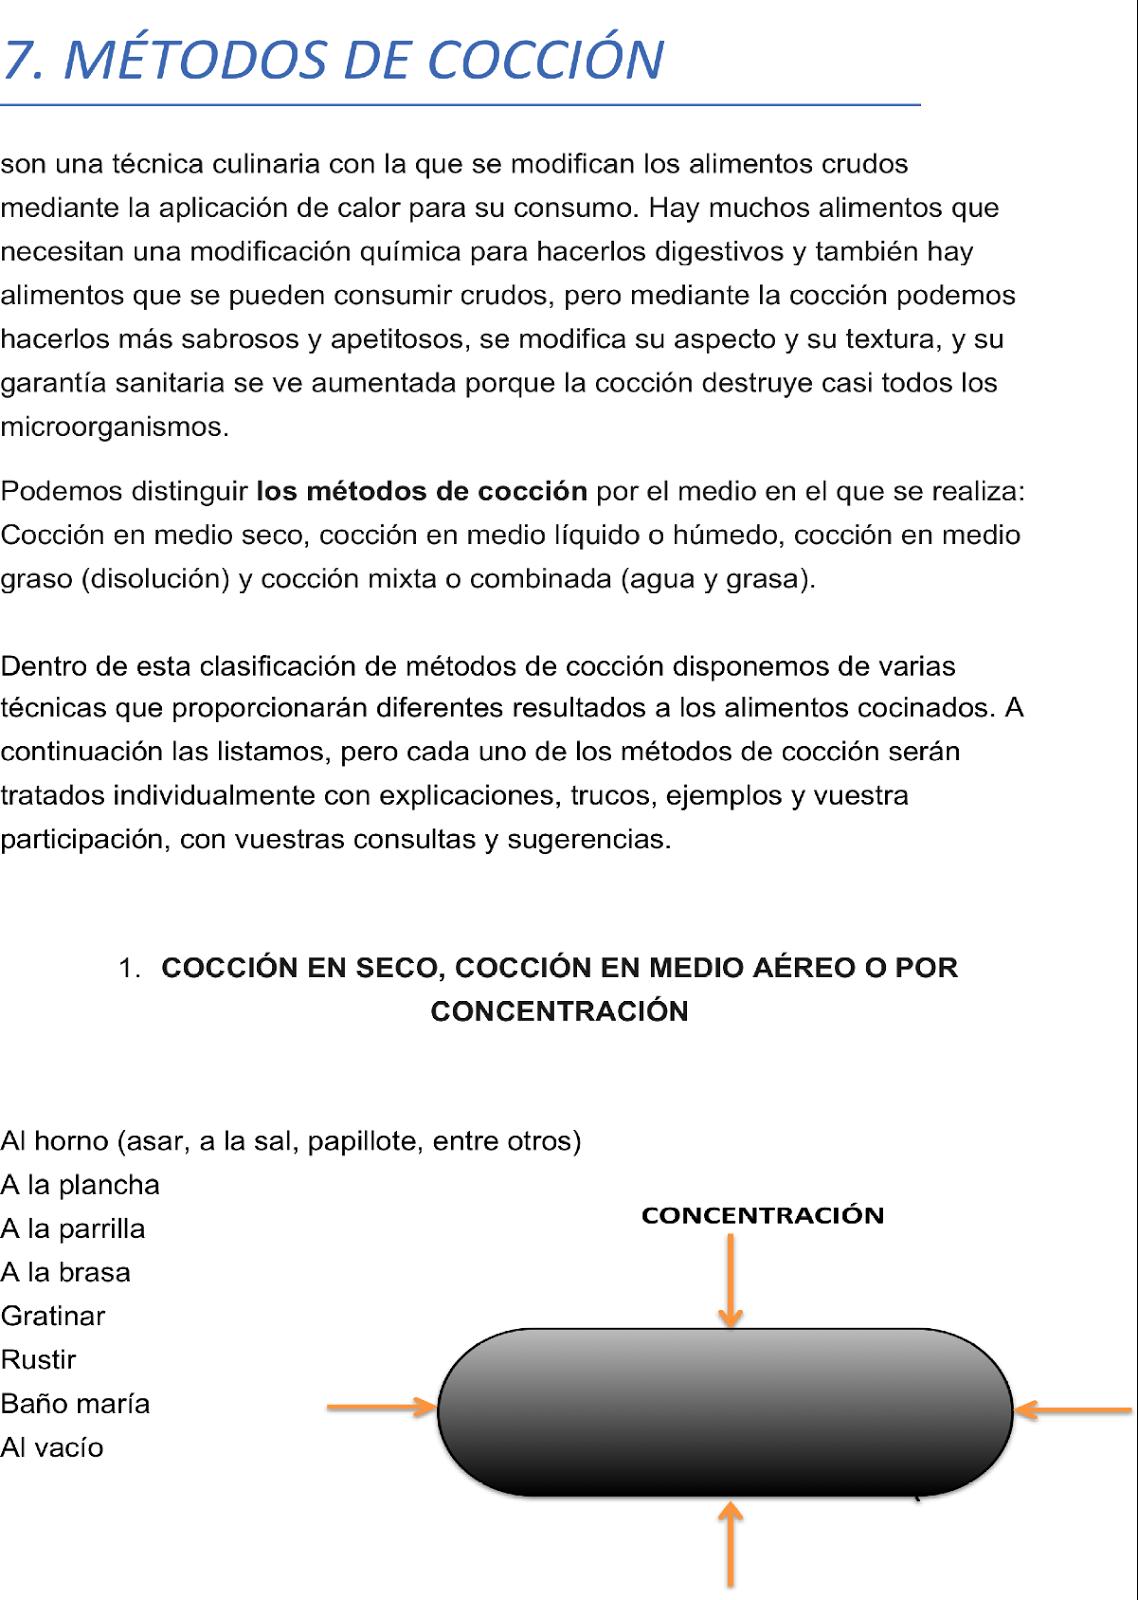 Tecnicas de cocina metodos de coccion for Tecnicas basicas de cocina pdf